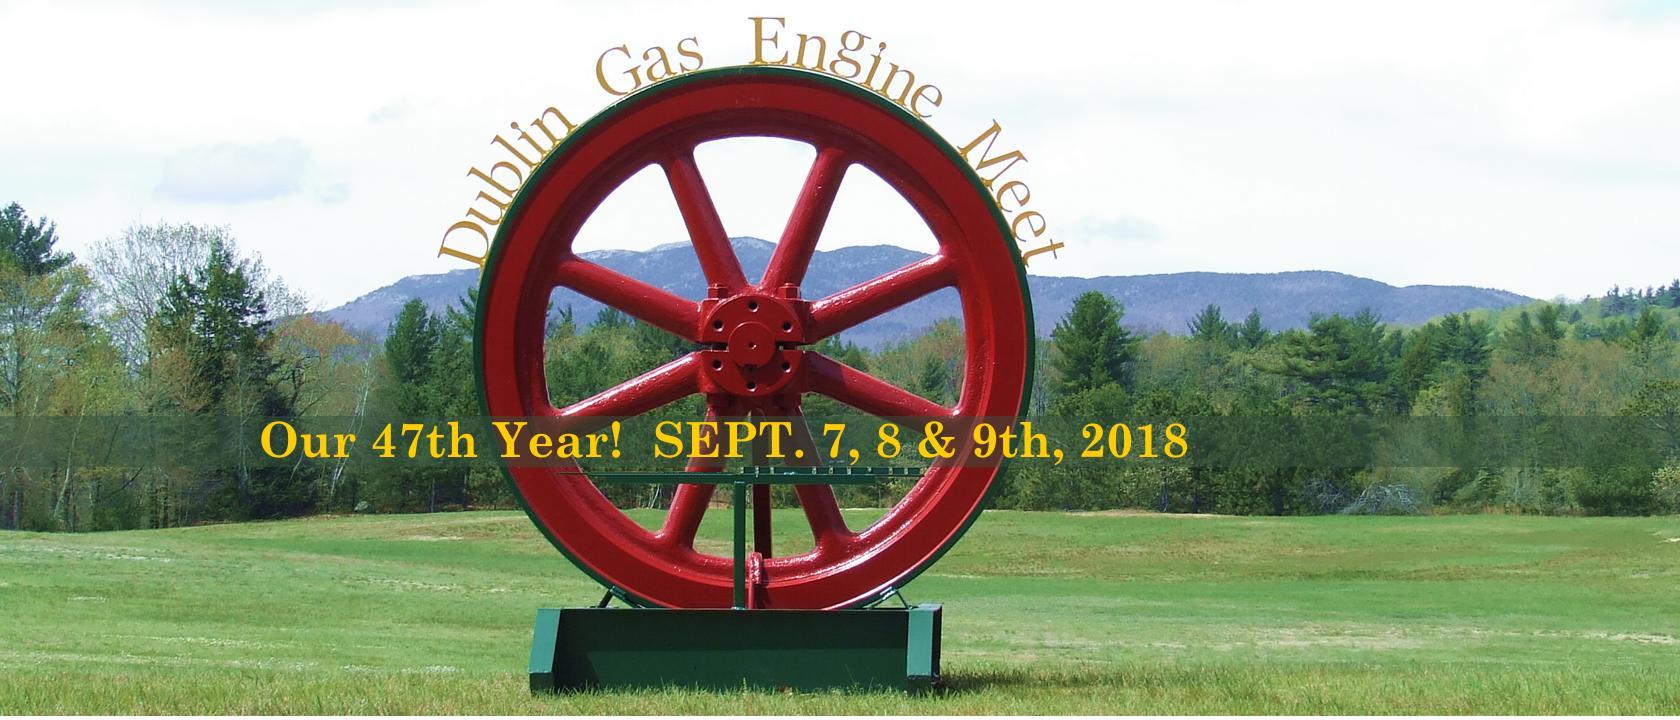 Our 47th Year! Dublin Gas Engine Meet